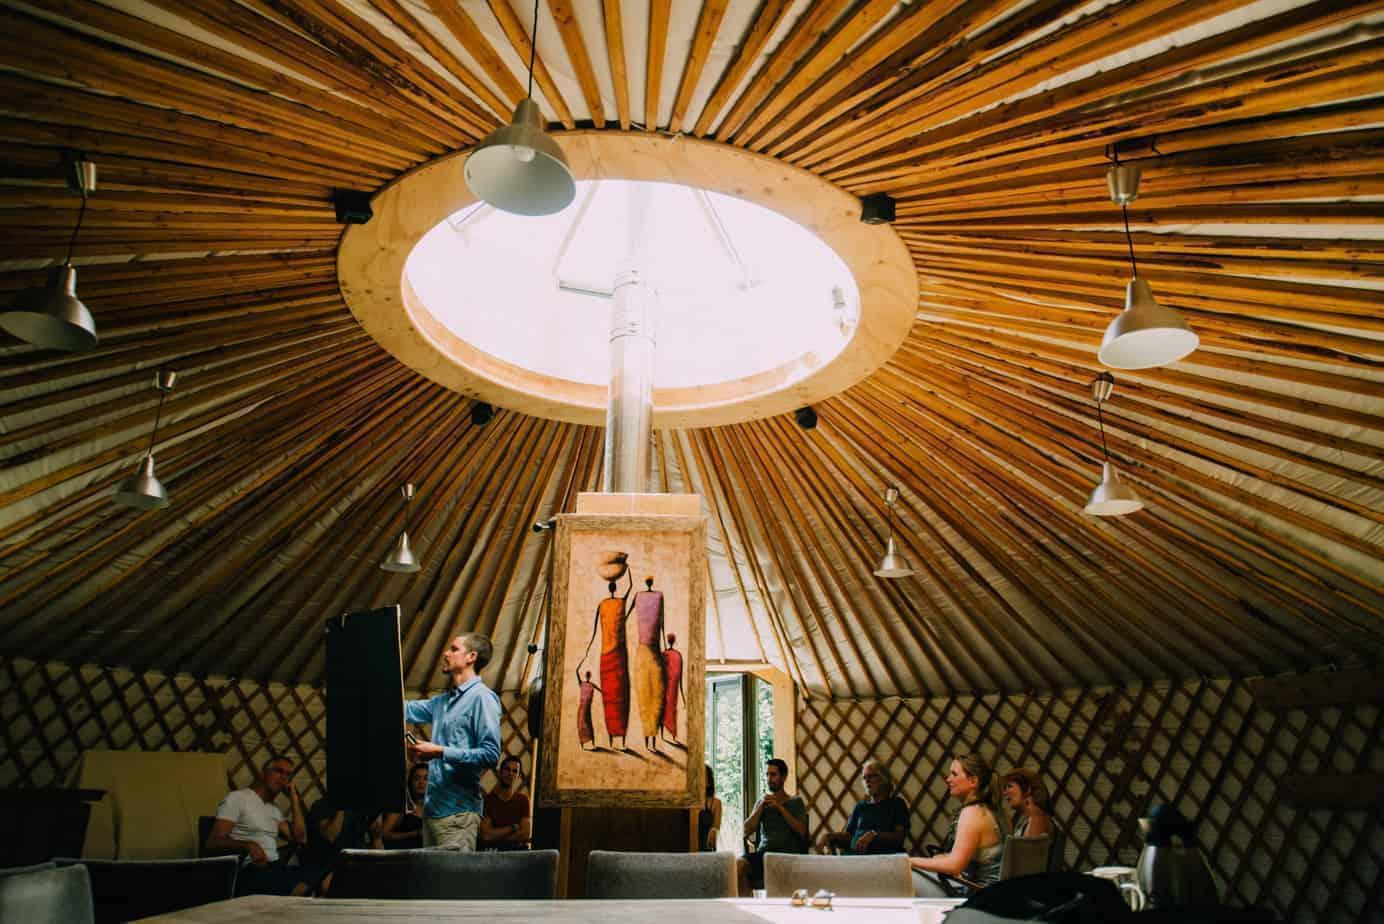 Dak van het rondhuis tijdens een training mindfulness bij buitengoed Uylenburg,